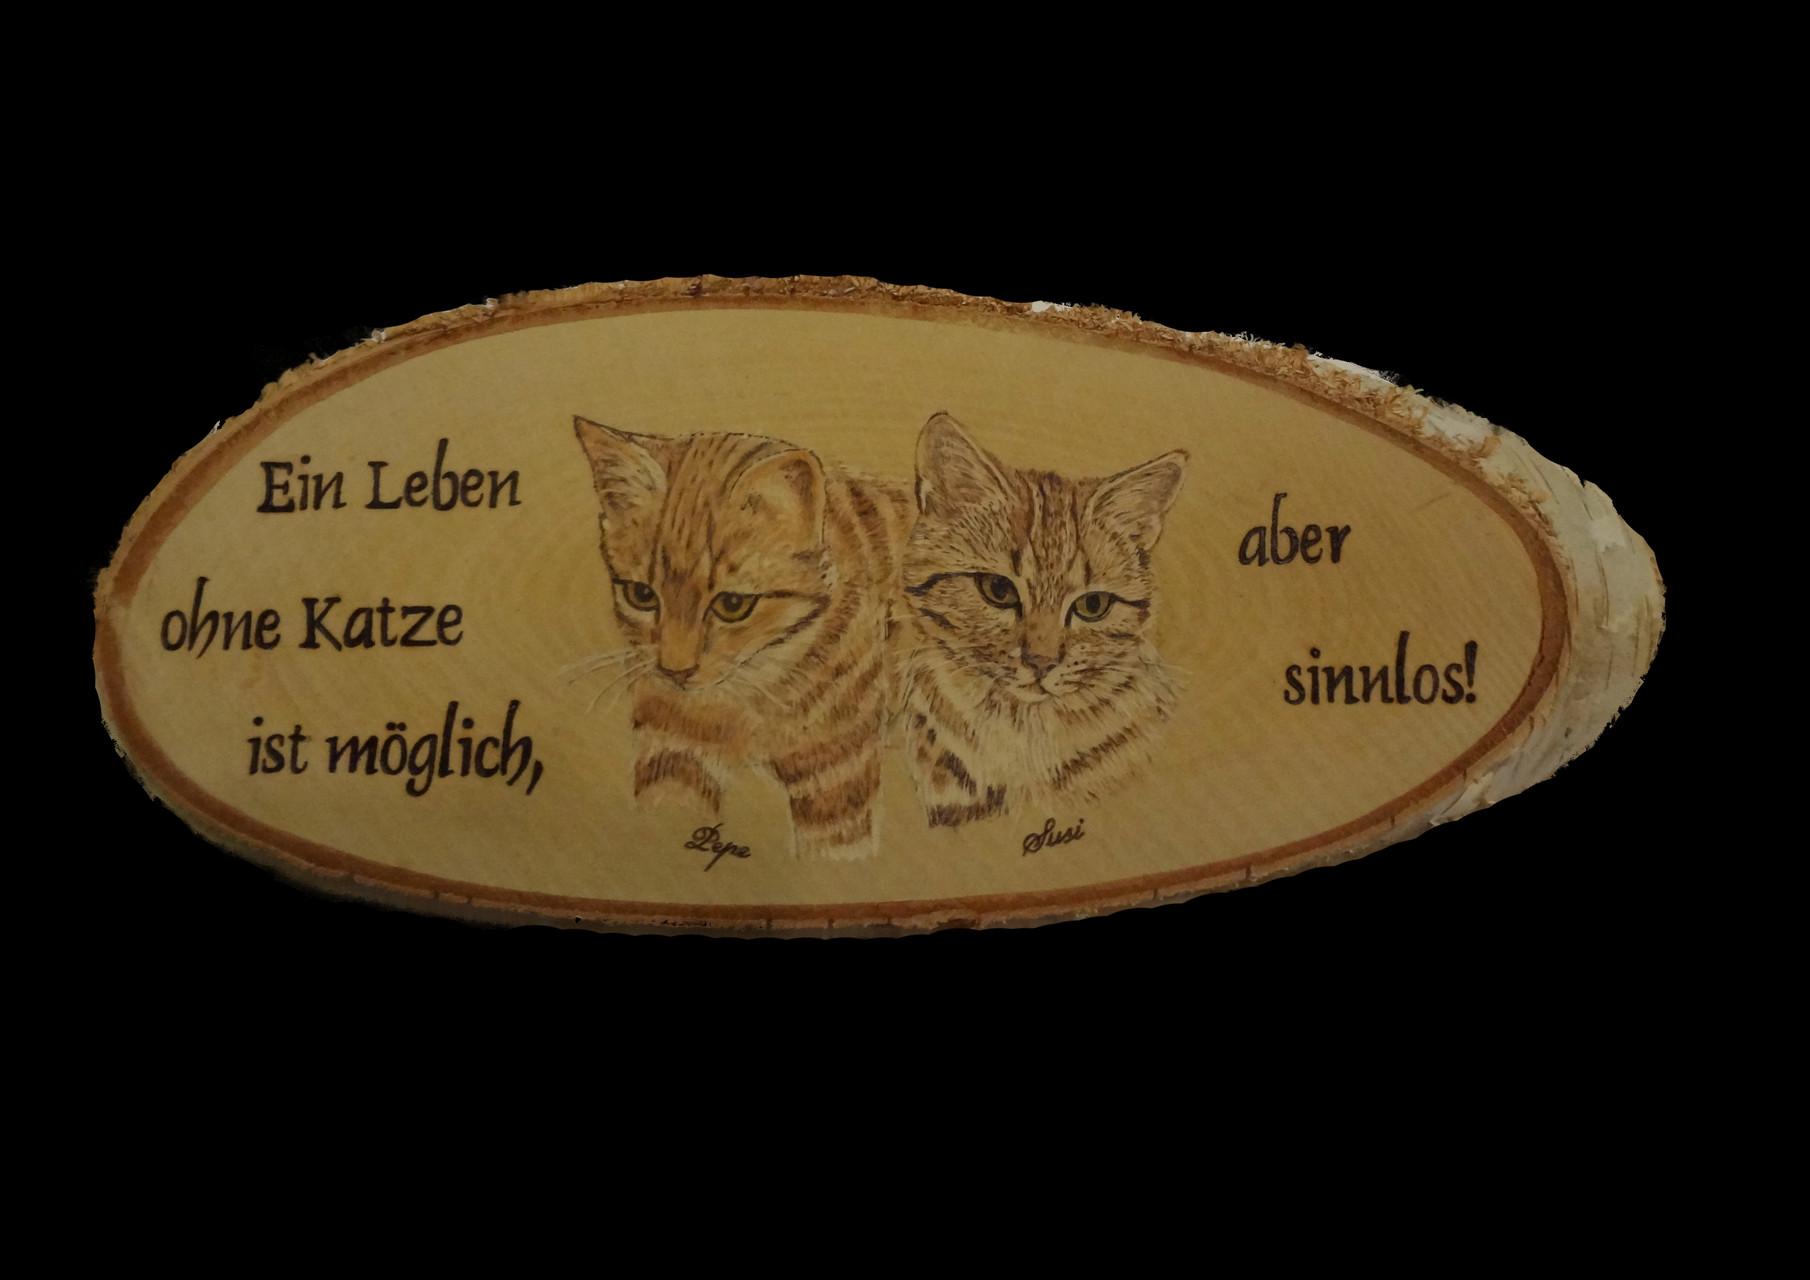 Birkenscheibe mit Foto und Spruch